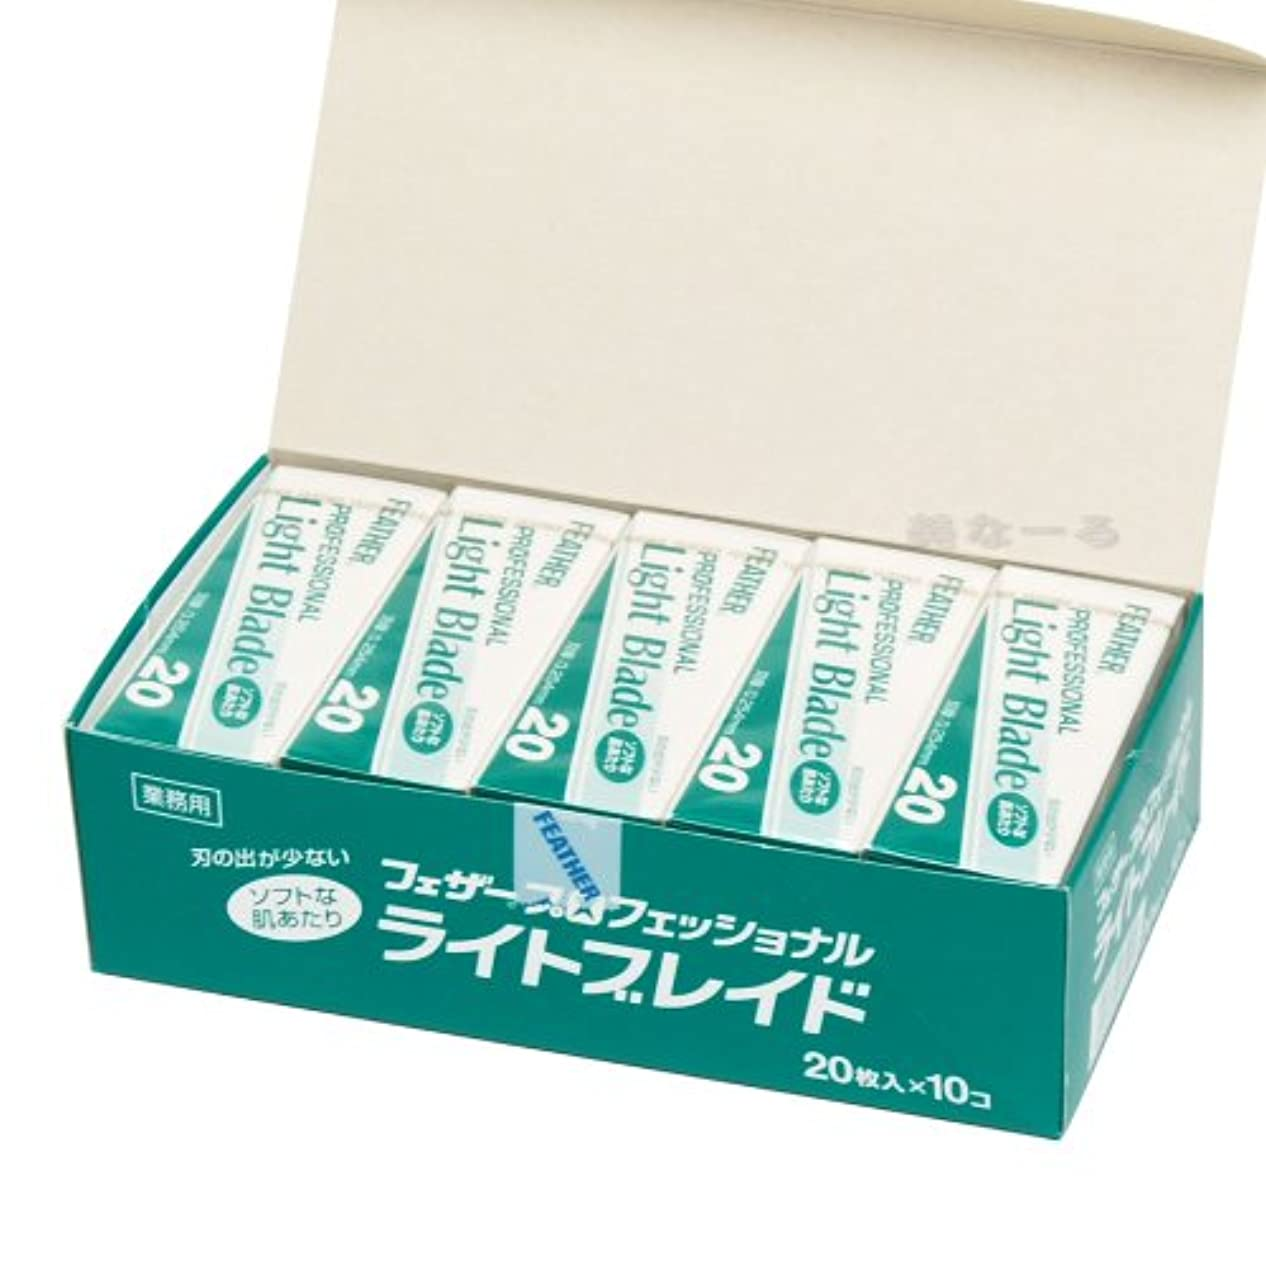 宿題歯科のバージンフェザープロフェッショナルブレイド ライトブレイド 20枚入 (刃厚0.254mm)×10個